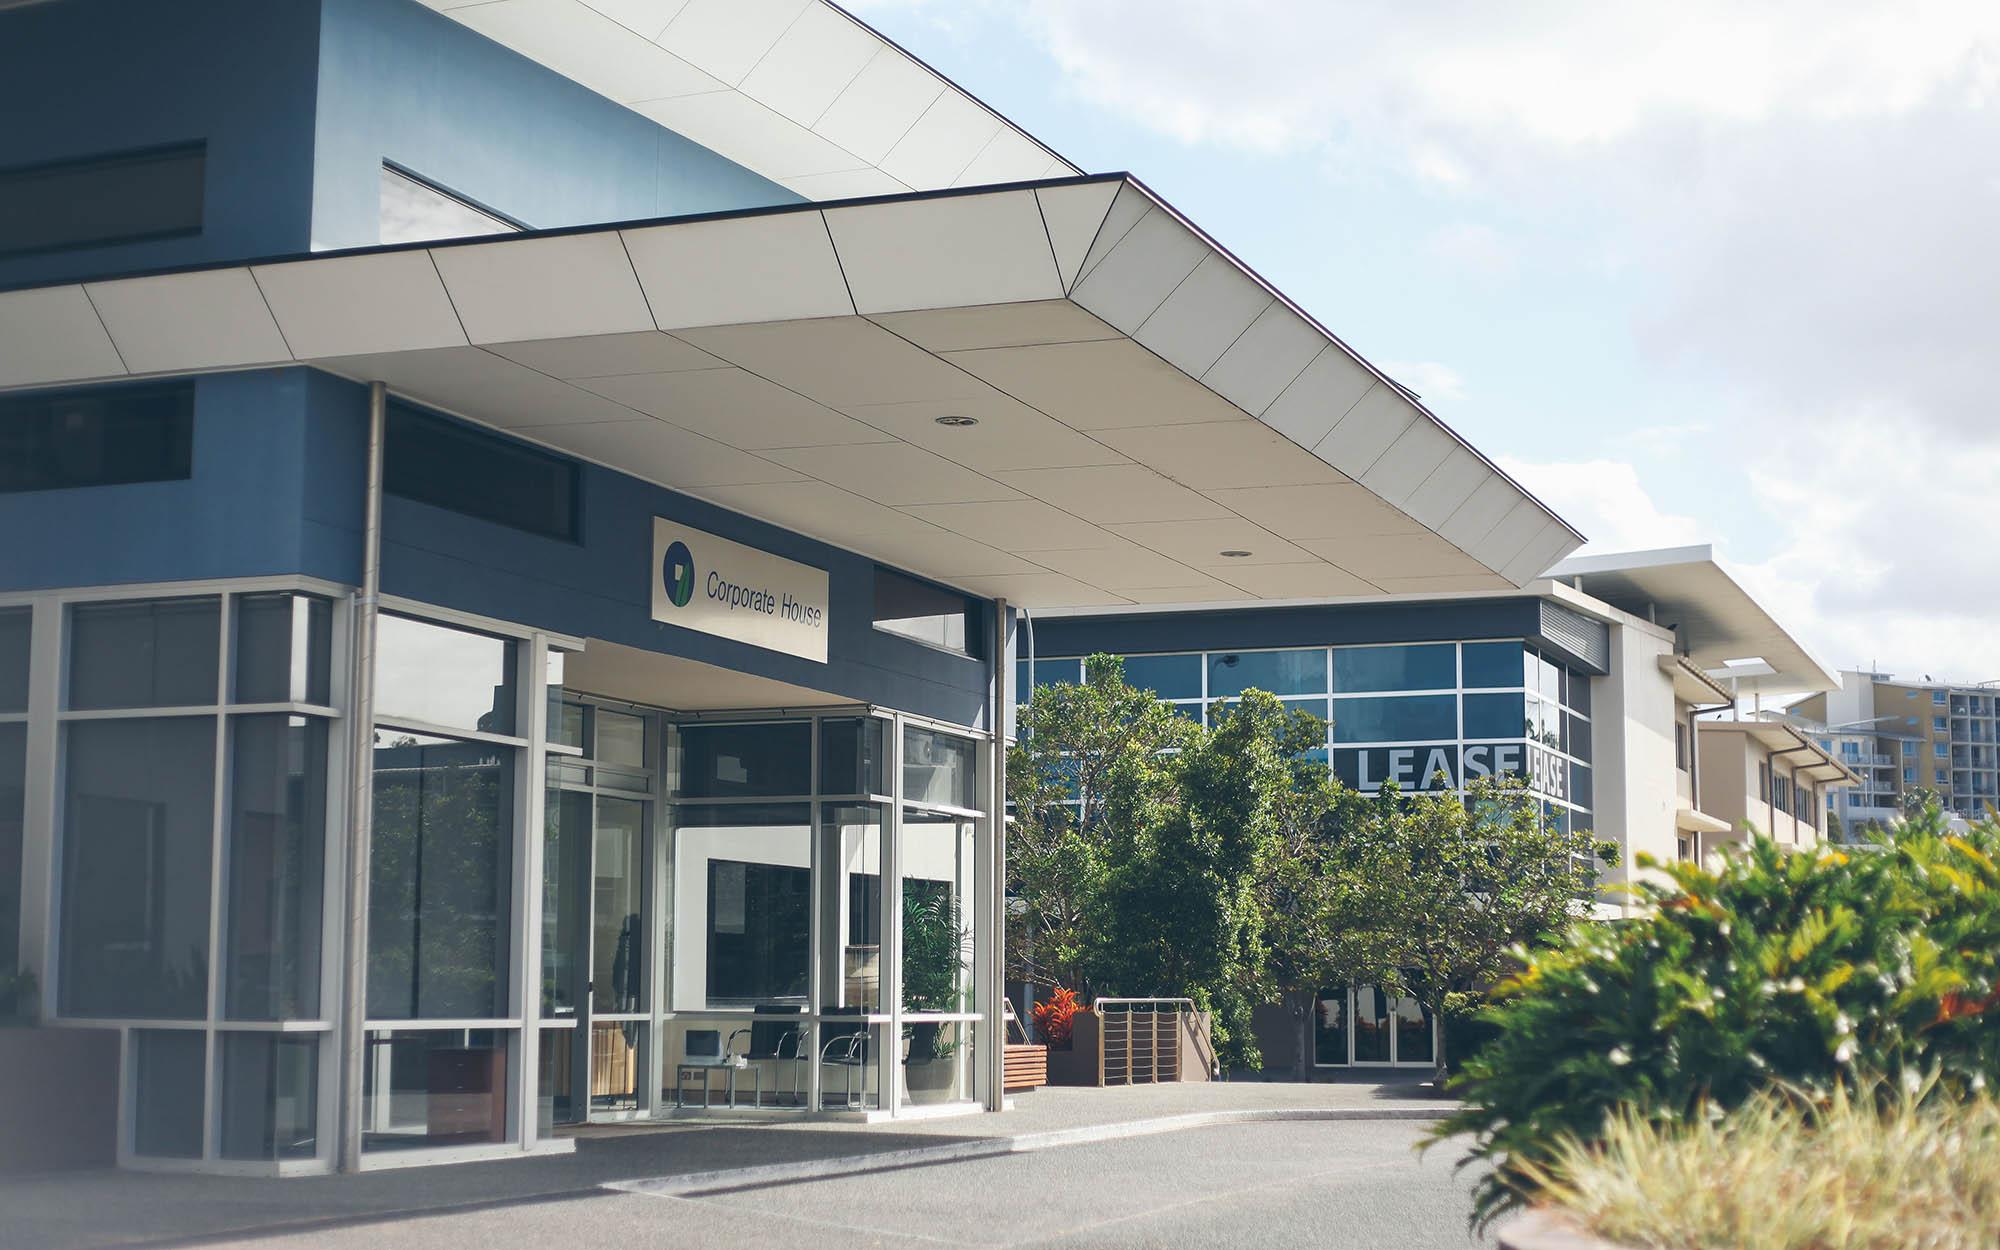 3 - Varsity Lakes and Robina Conveyancing - Property Law Gold Coast